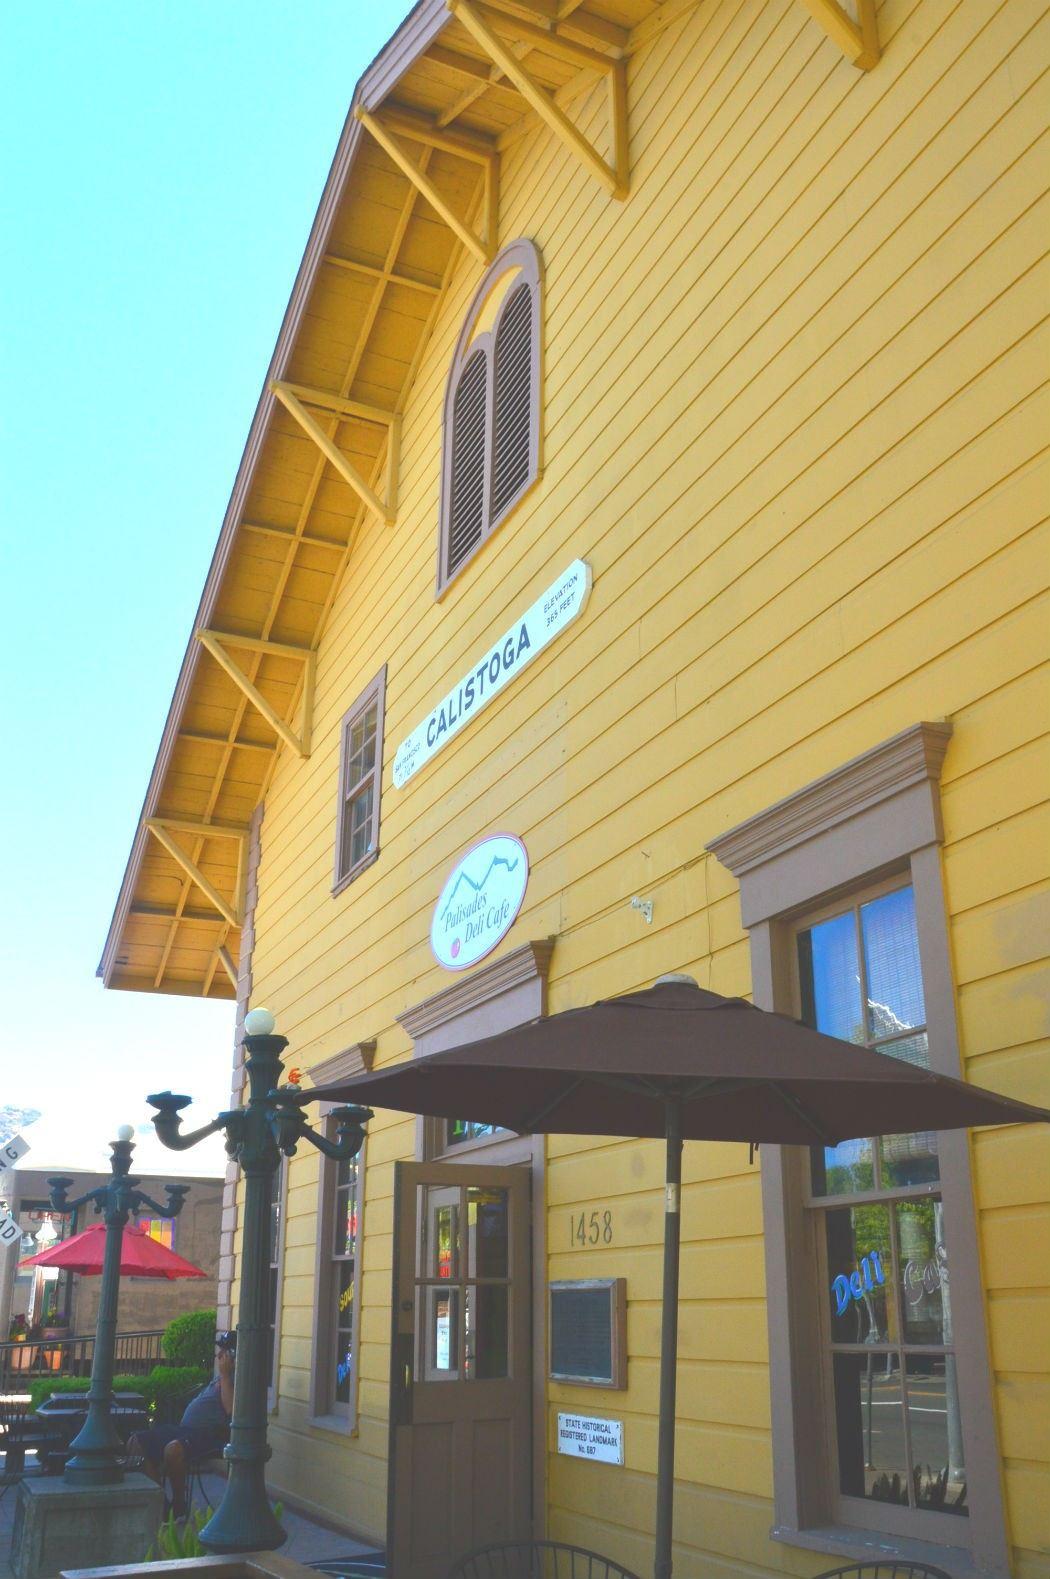 The Calmart in Calistoga